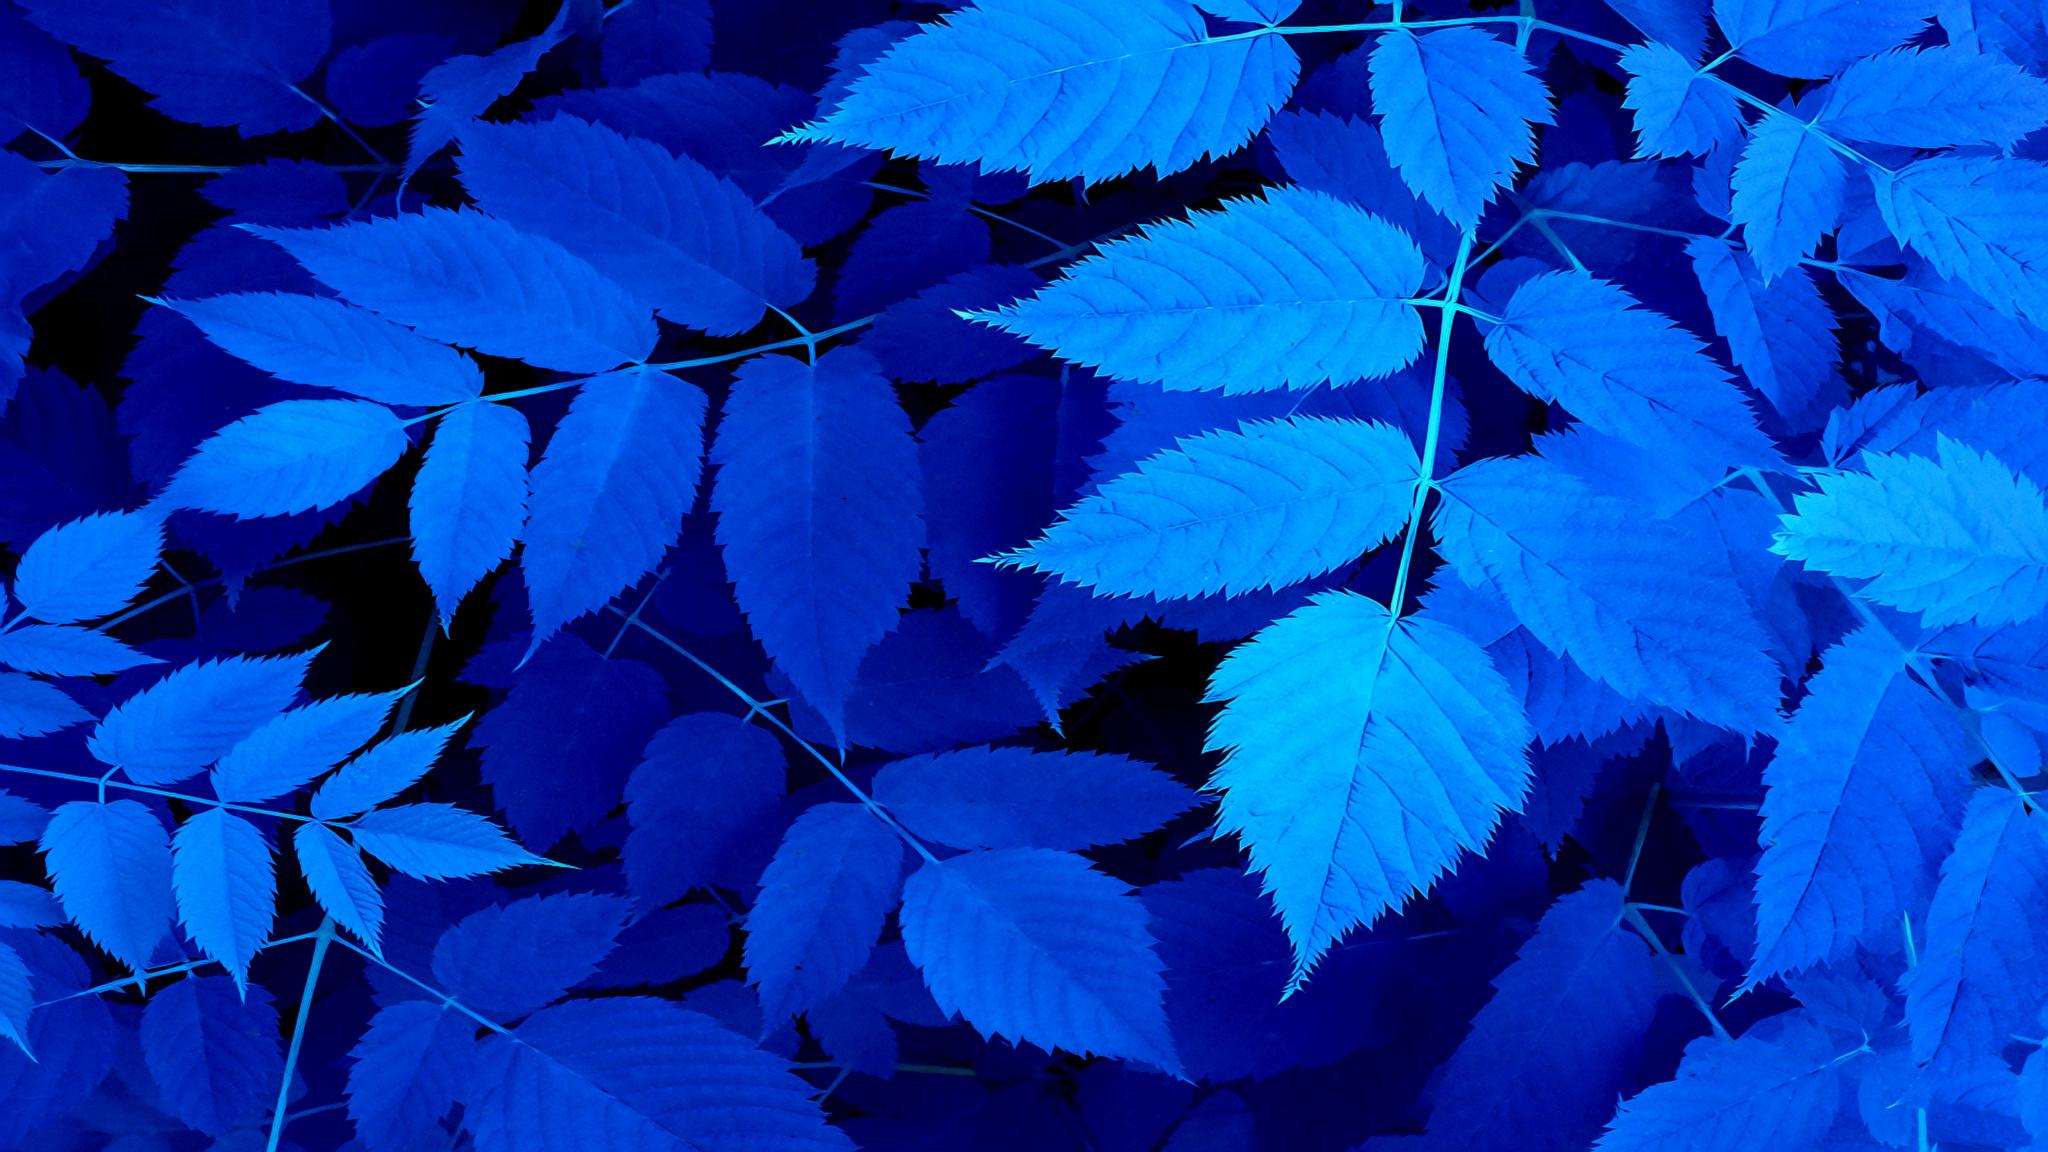 Fond Décran Bleu La Nature Feuilles Herbe 2048x1152